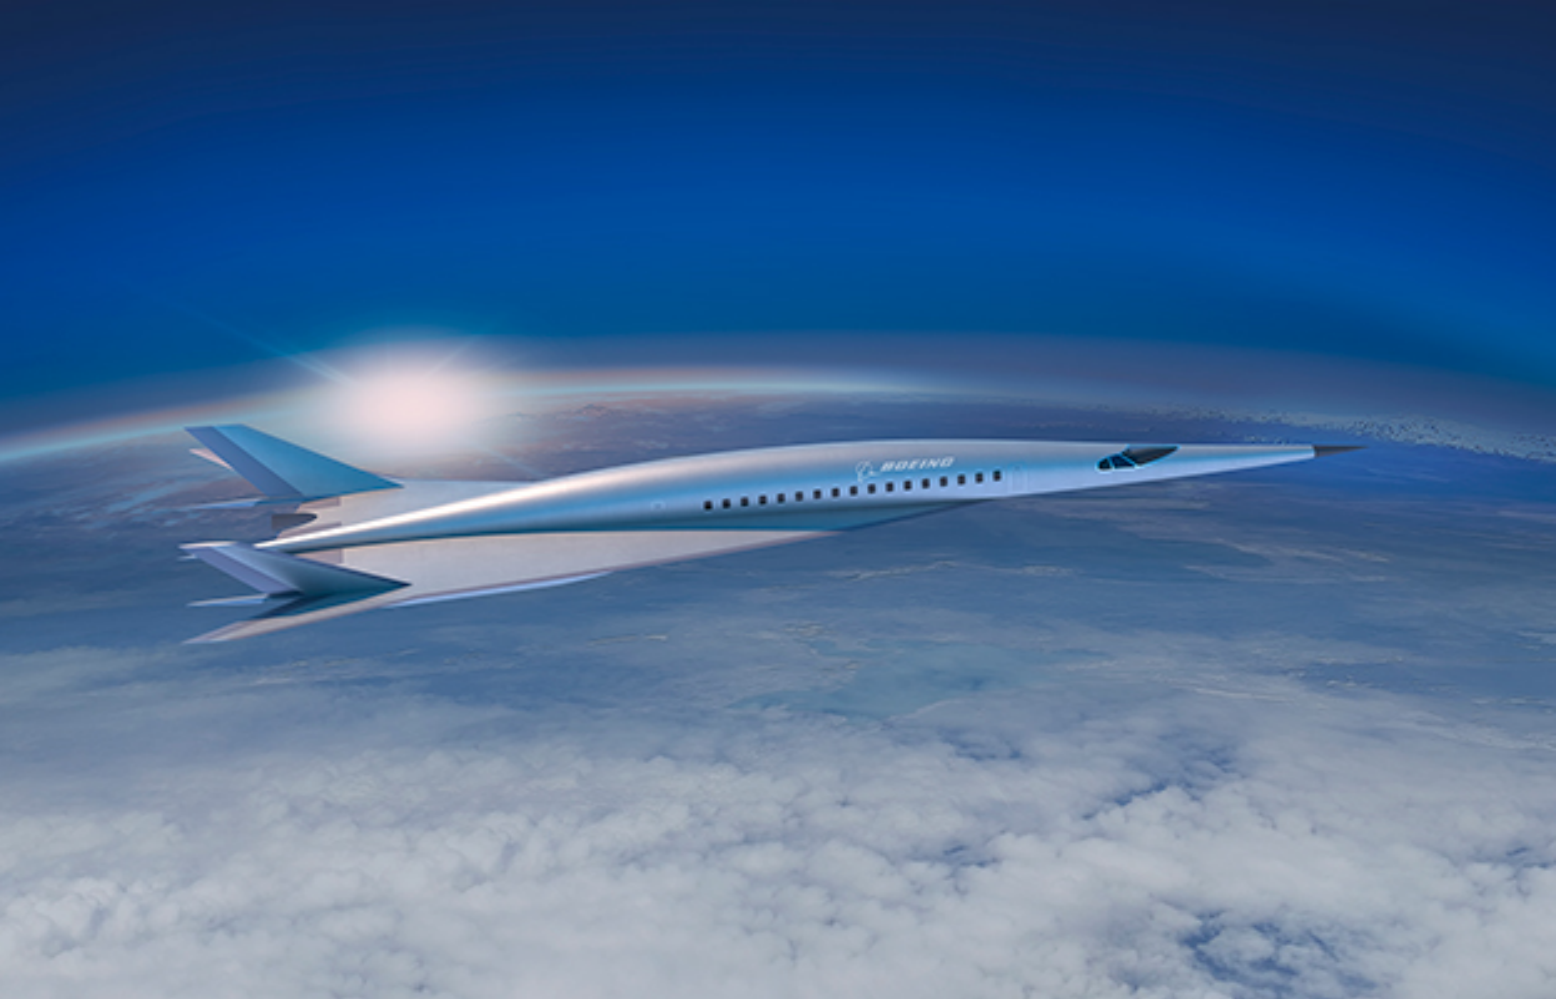 Boeing revela modelo de avião hipersônico capaz de sobrevoar o Atlântico em duas horas